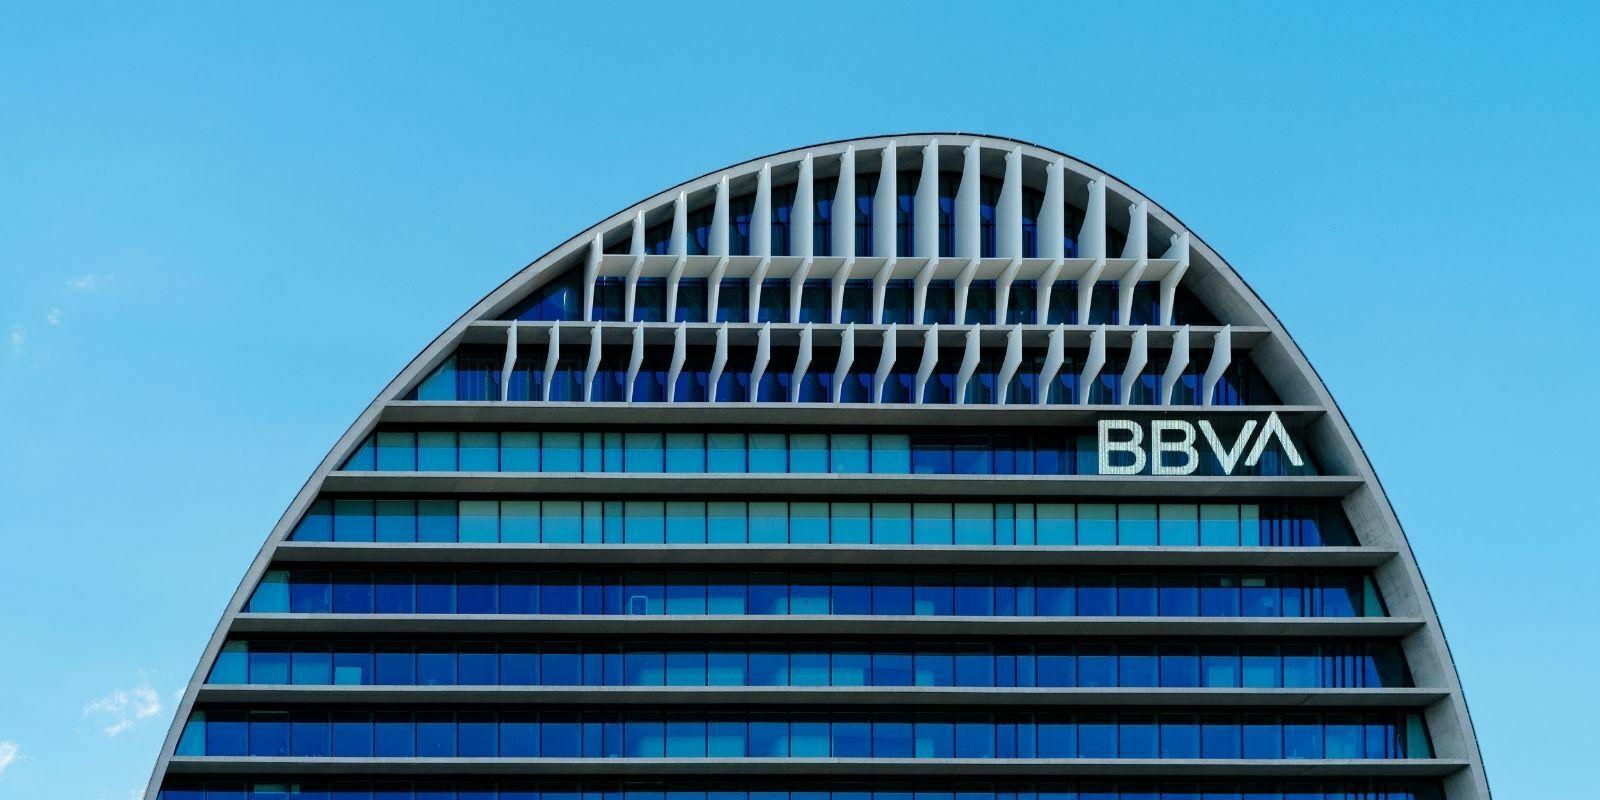 La deuxième plus grande banque d'Espagne lance des services cryptos